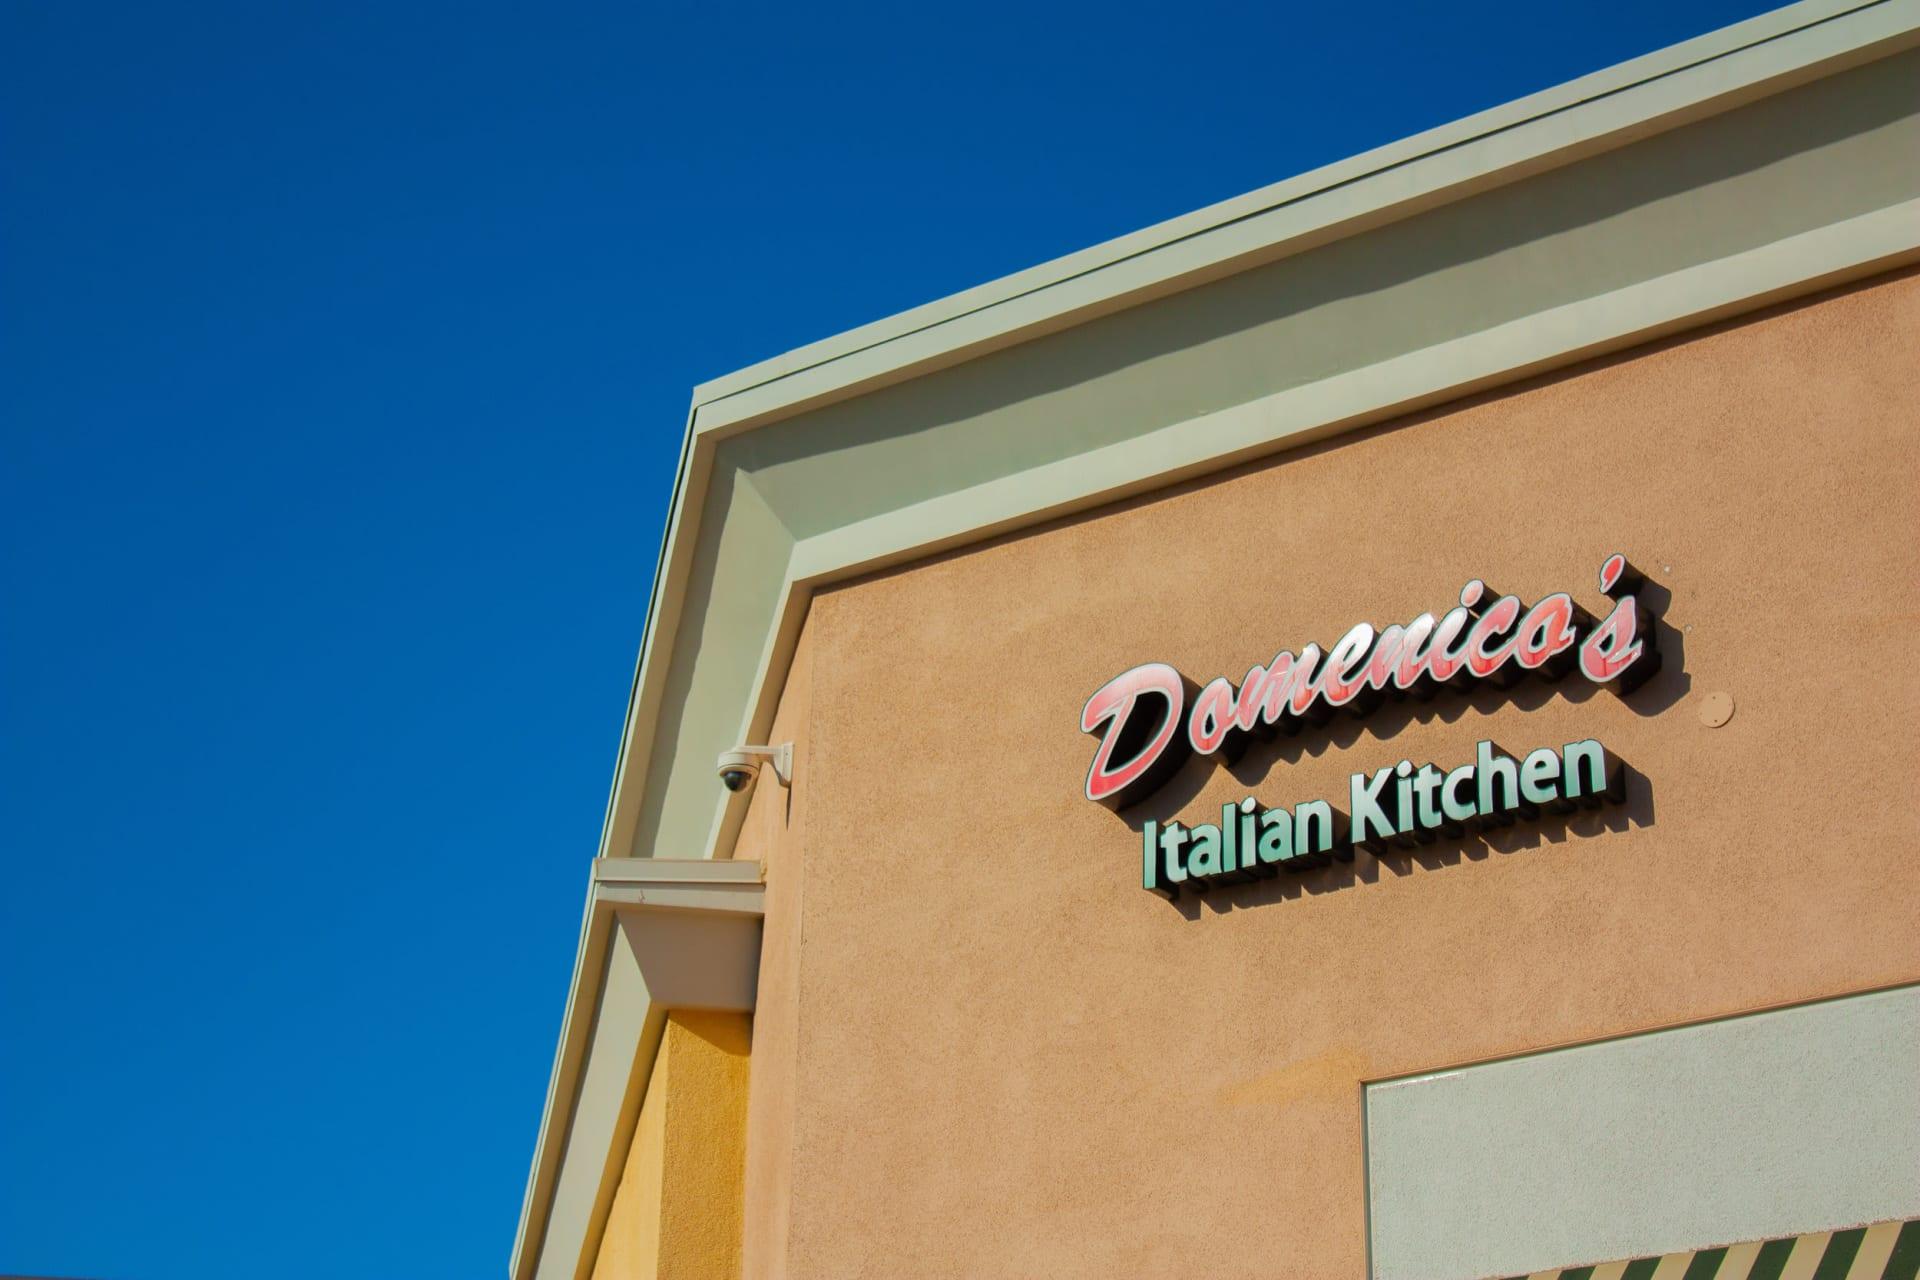 Outside of Domenico's Italian Kitchen restaurant